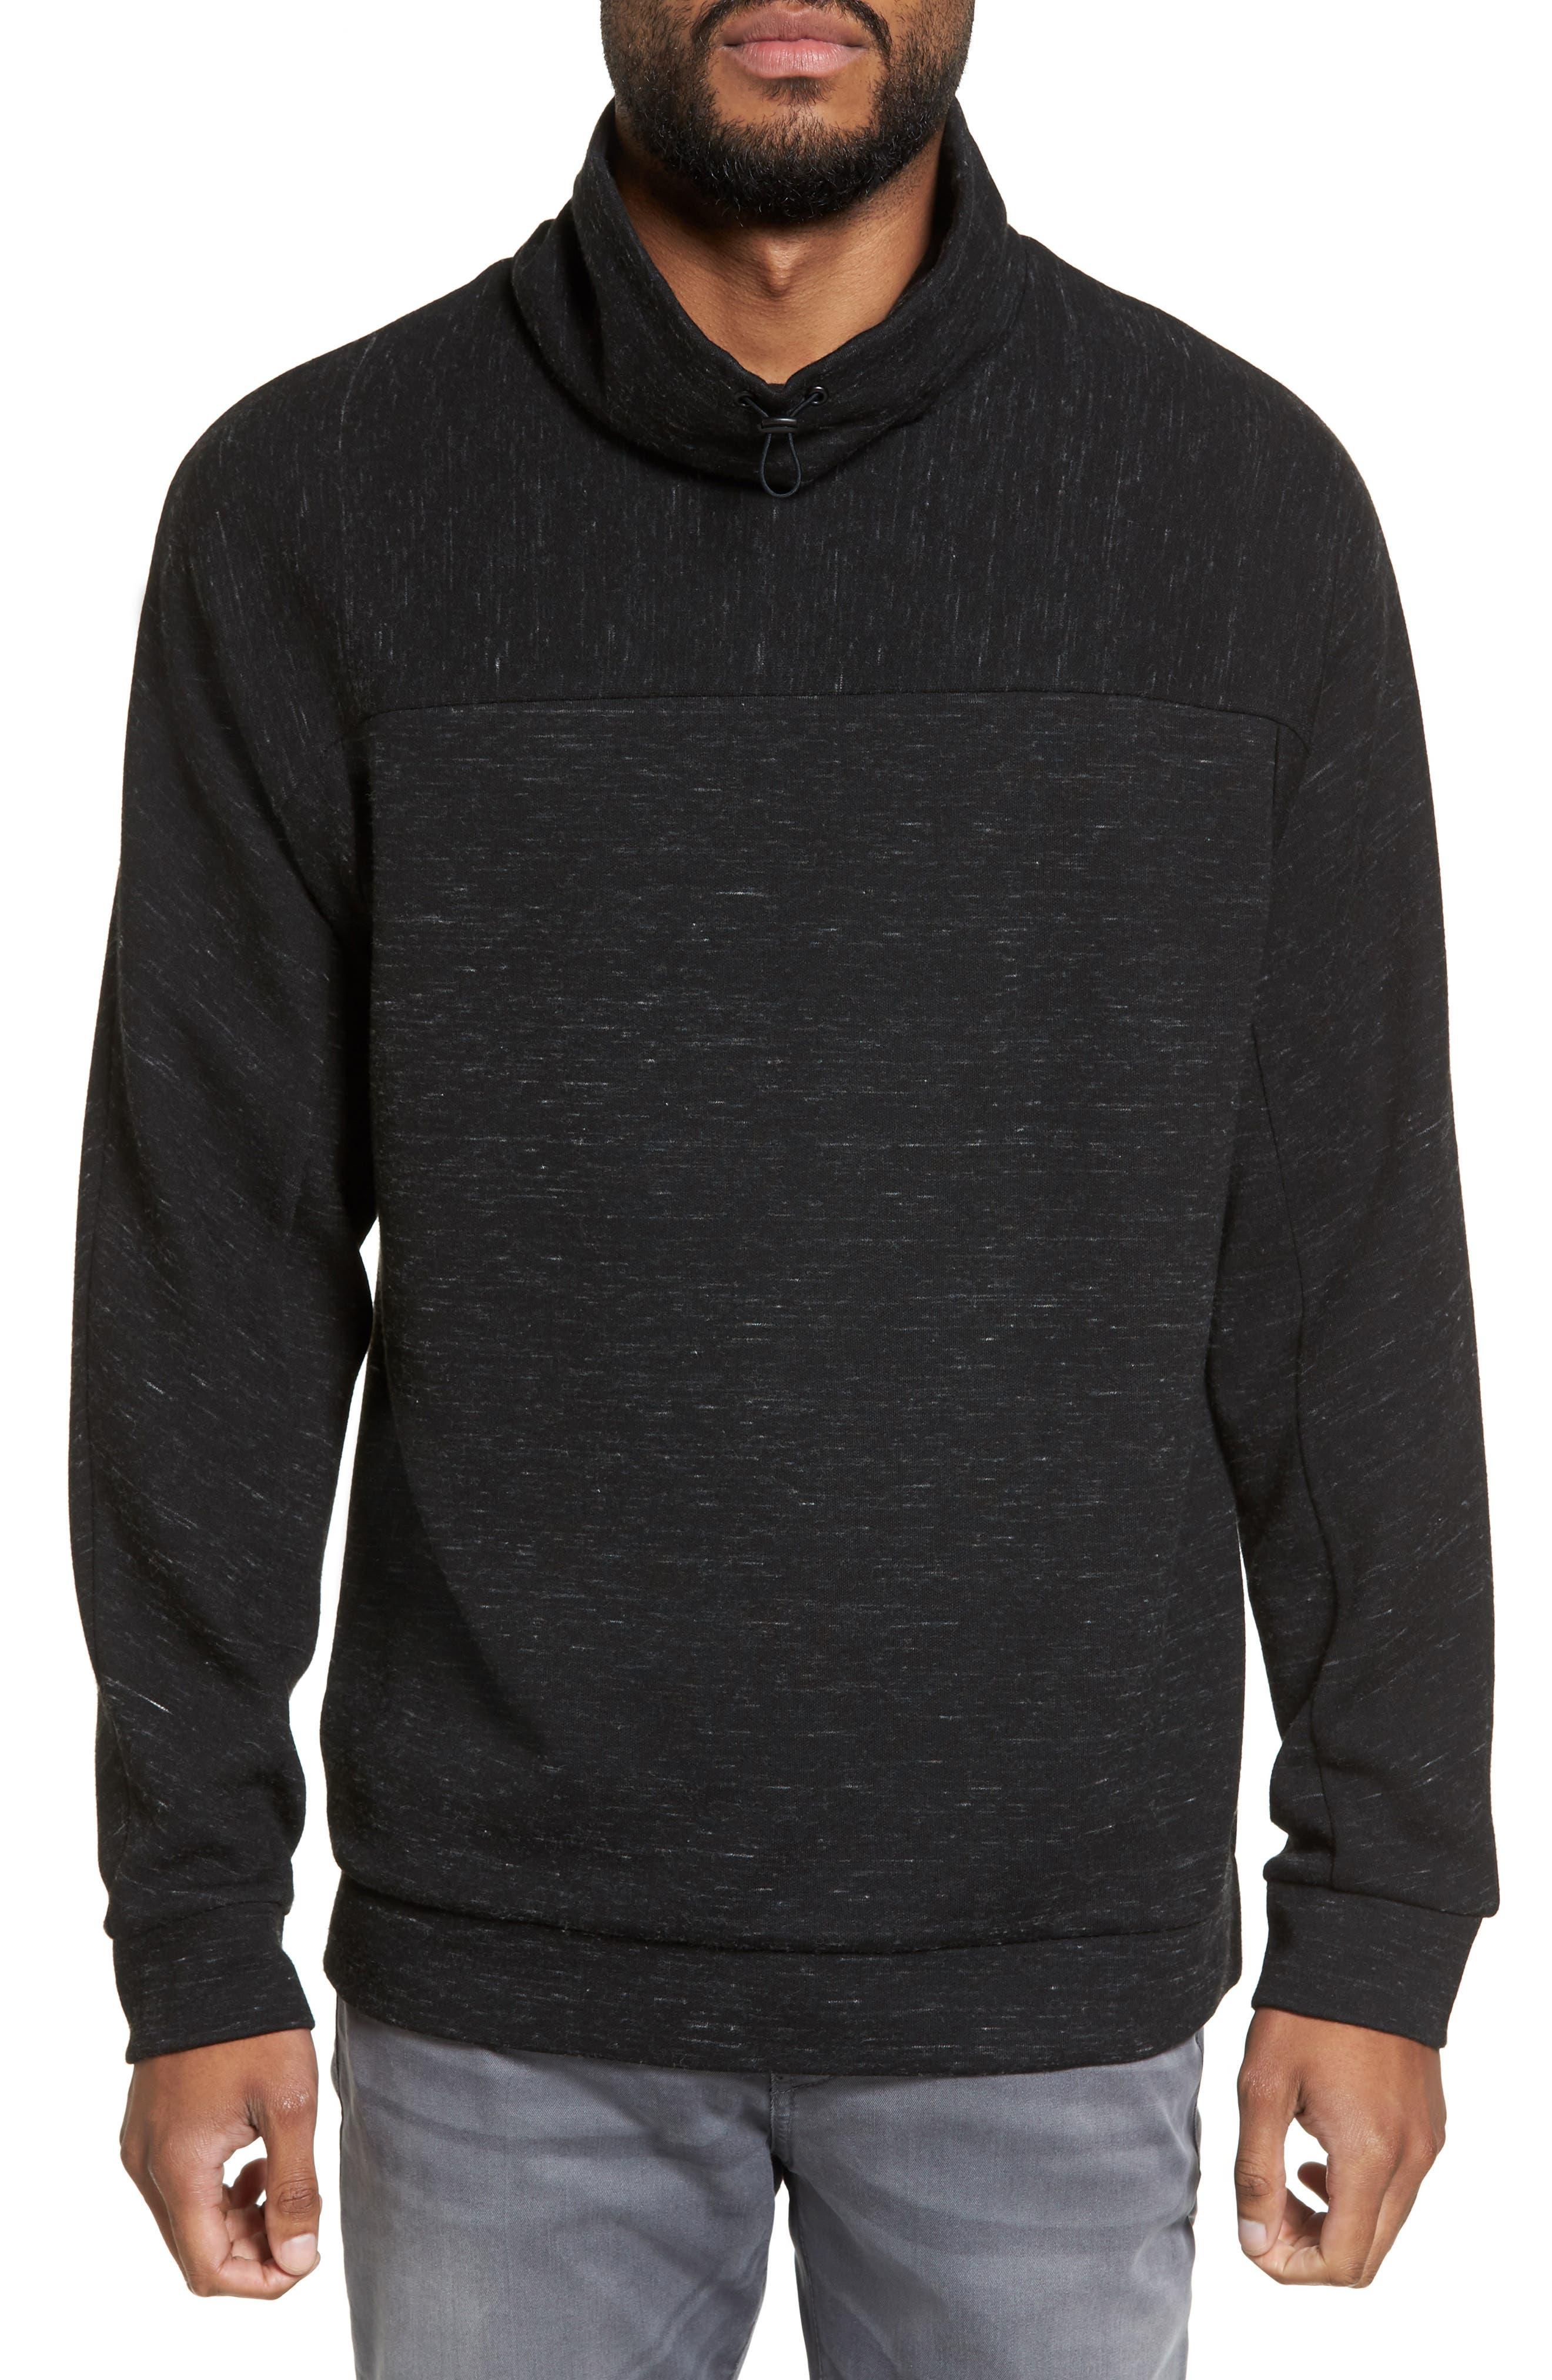 Calibrate Space Dye Fleece Pullover